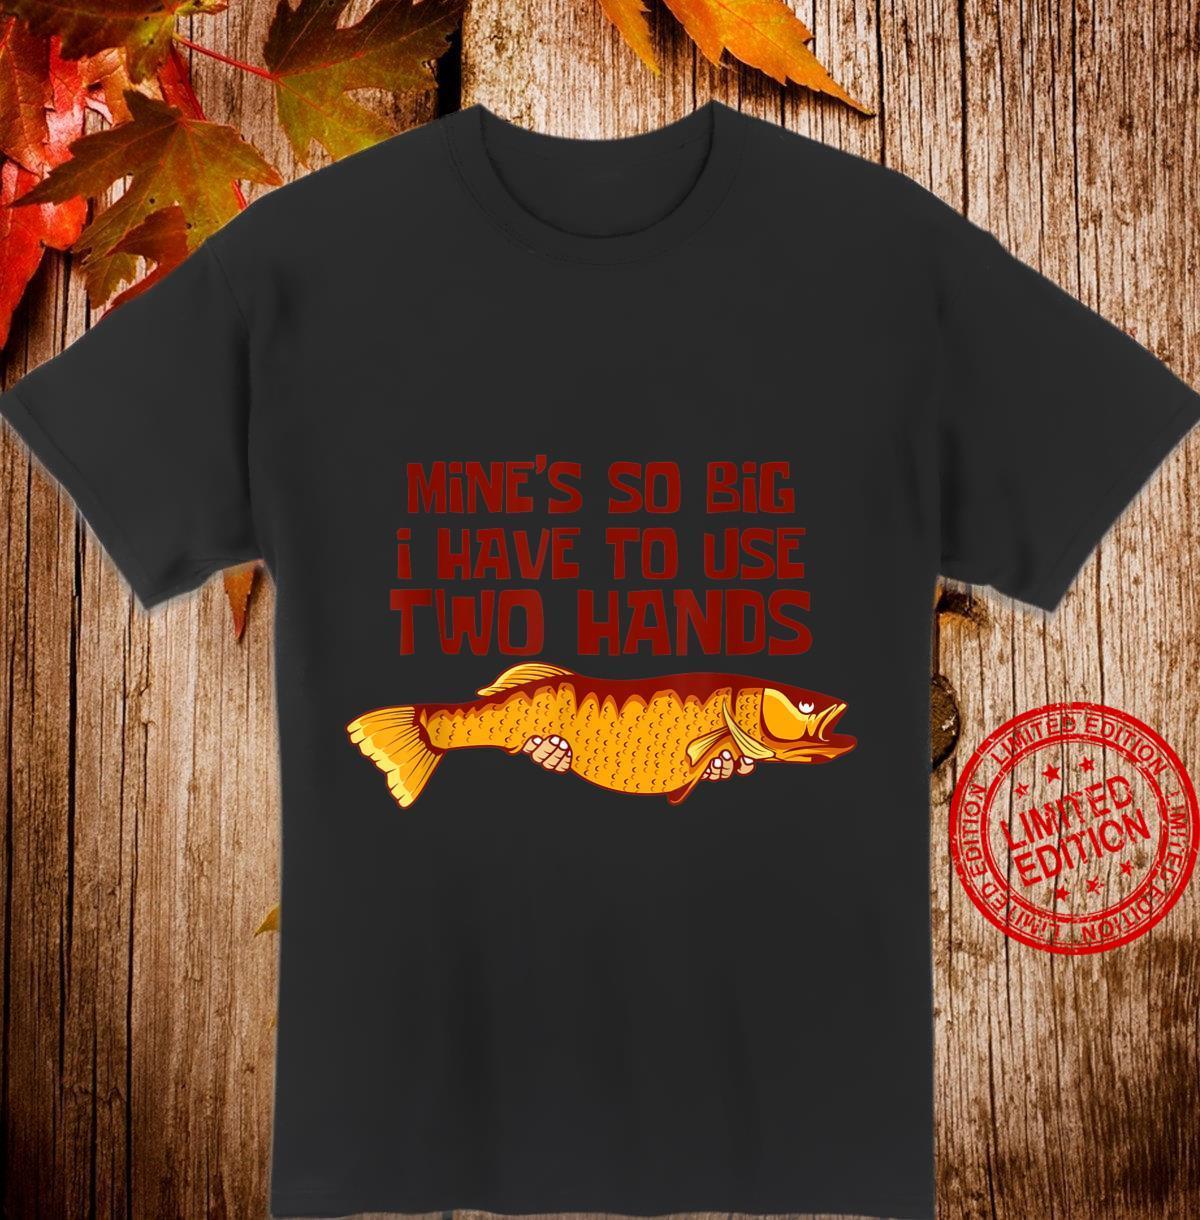 Mine's So Big Fisherman Shirt